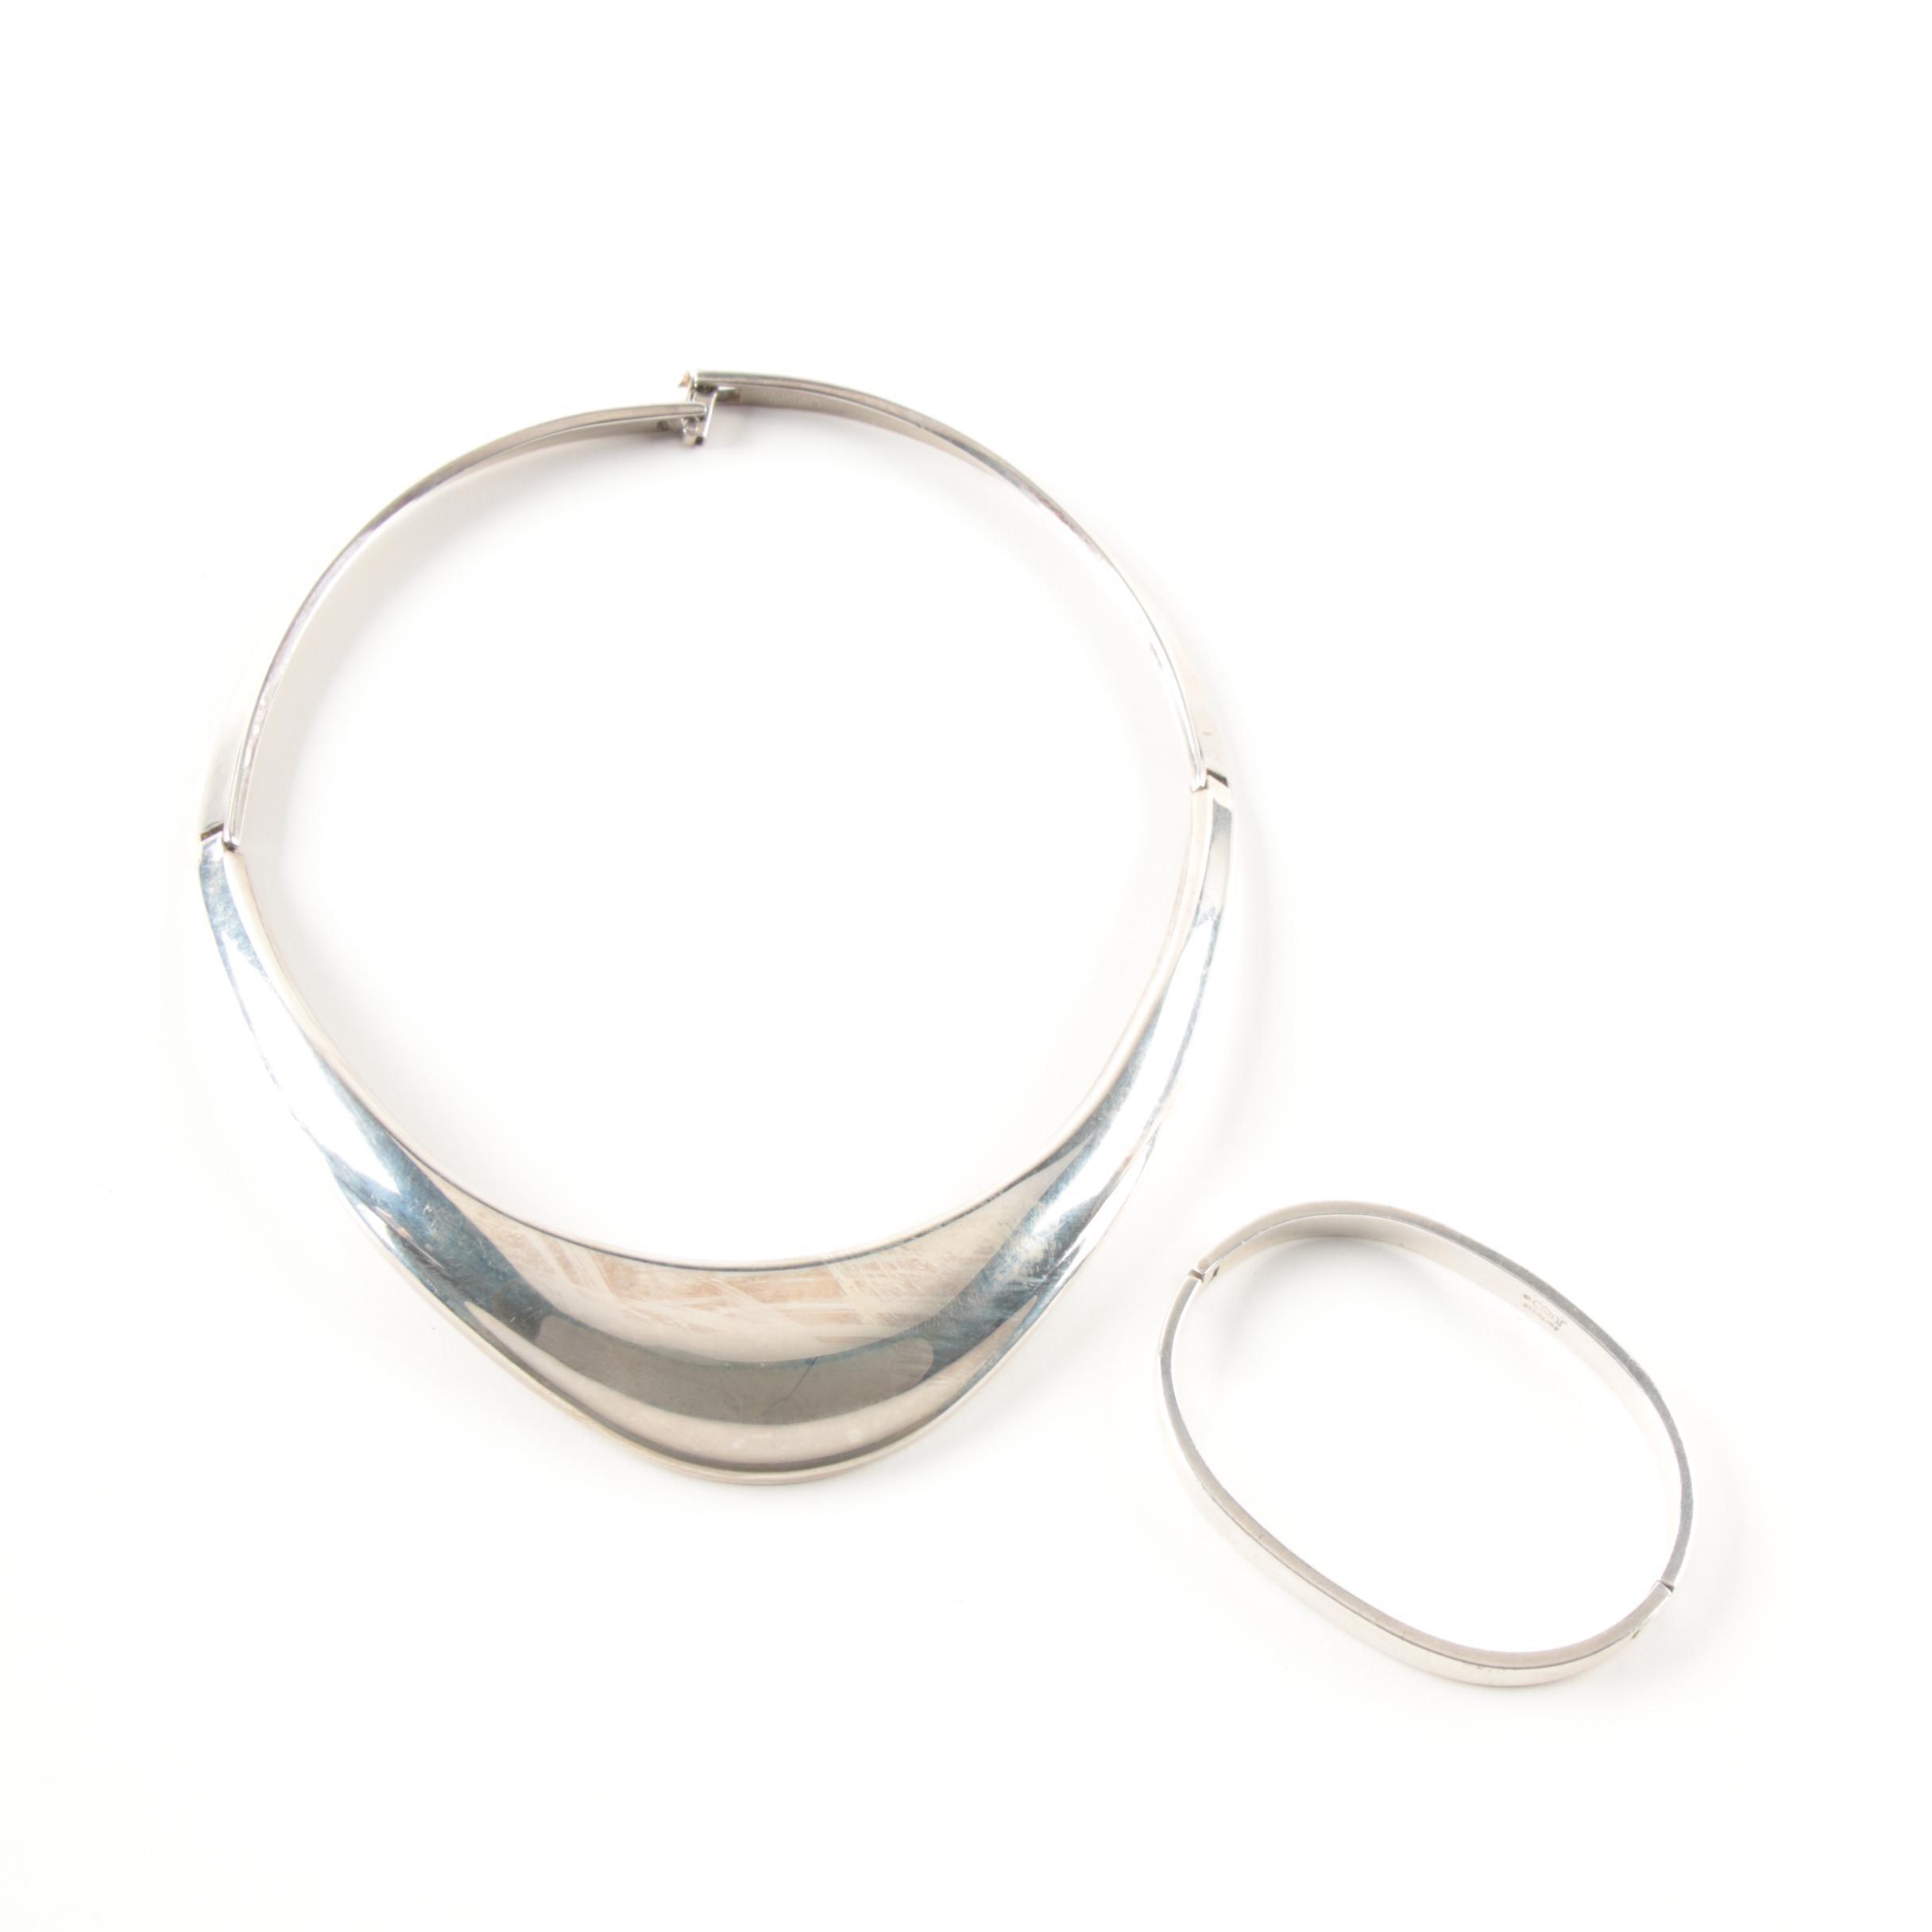 Sterling Silver Cíaní Hinged Necklace and Bracelet